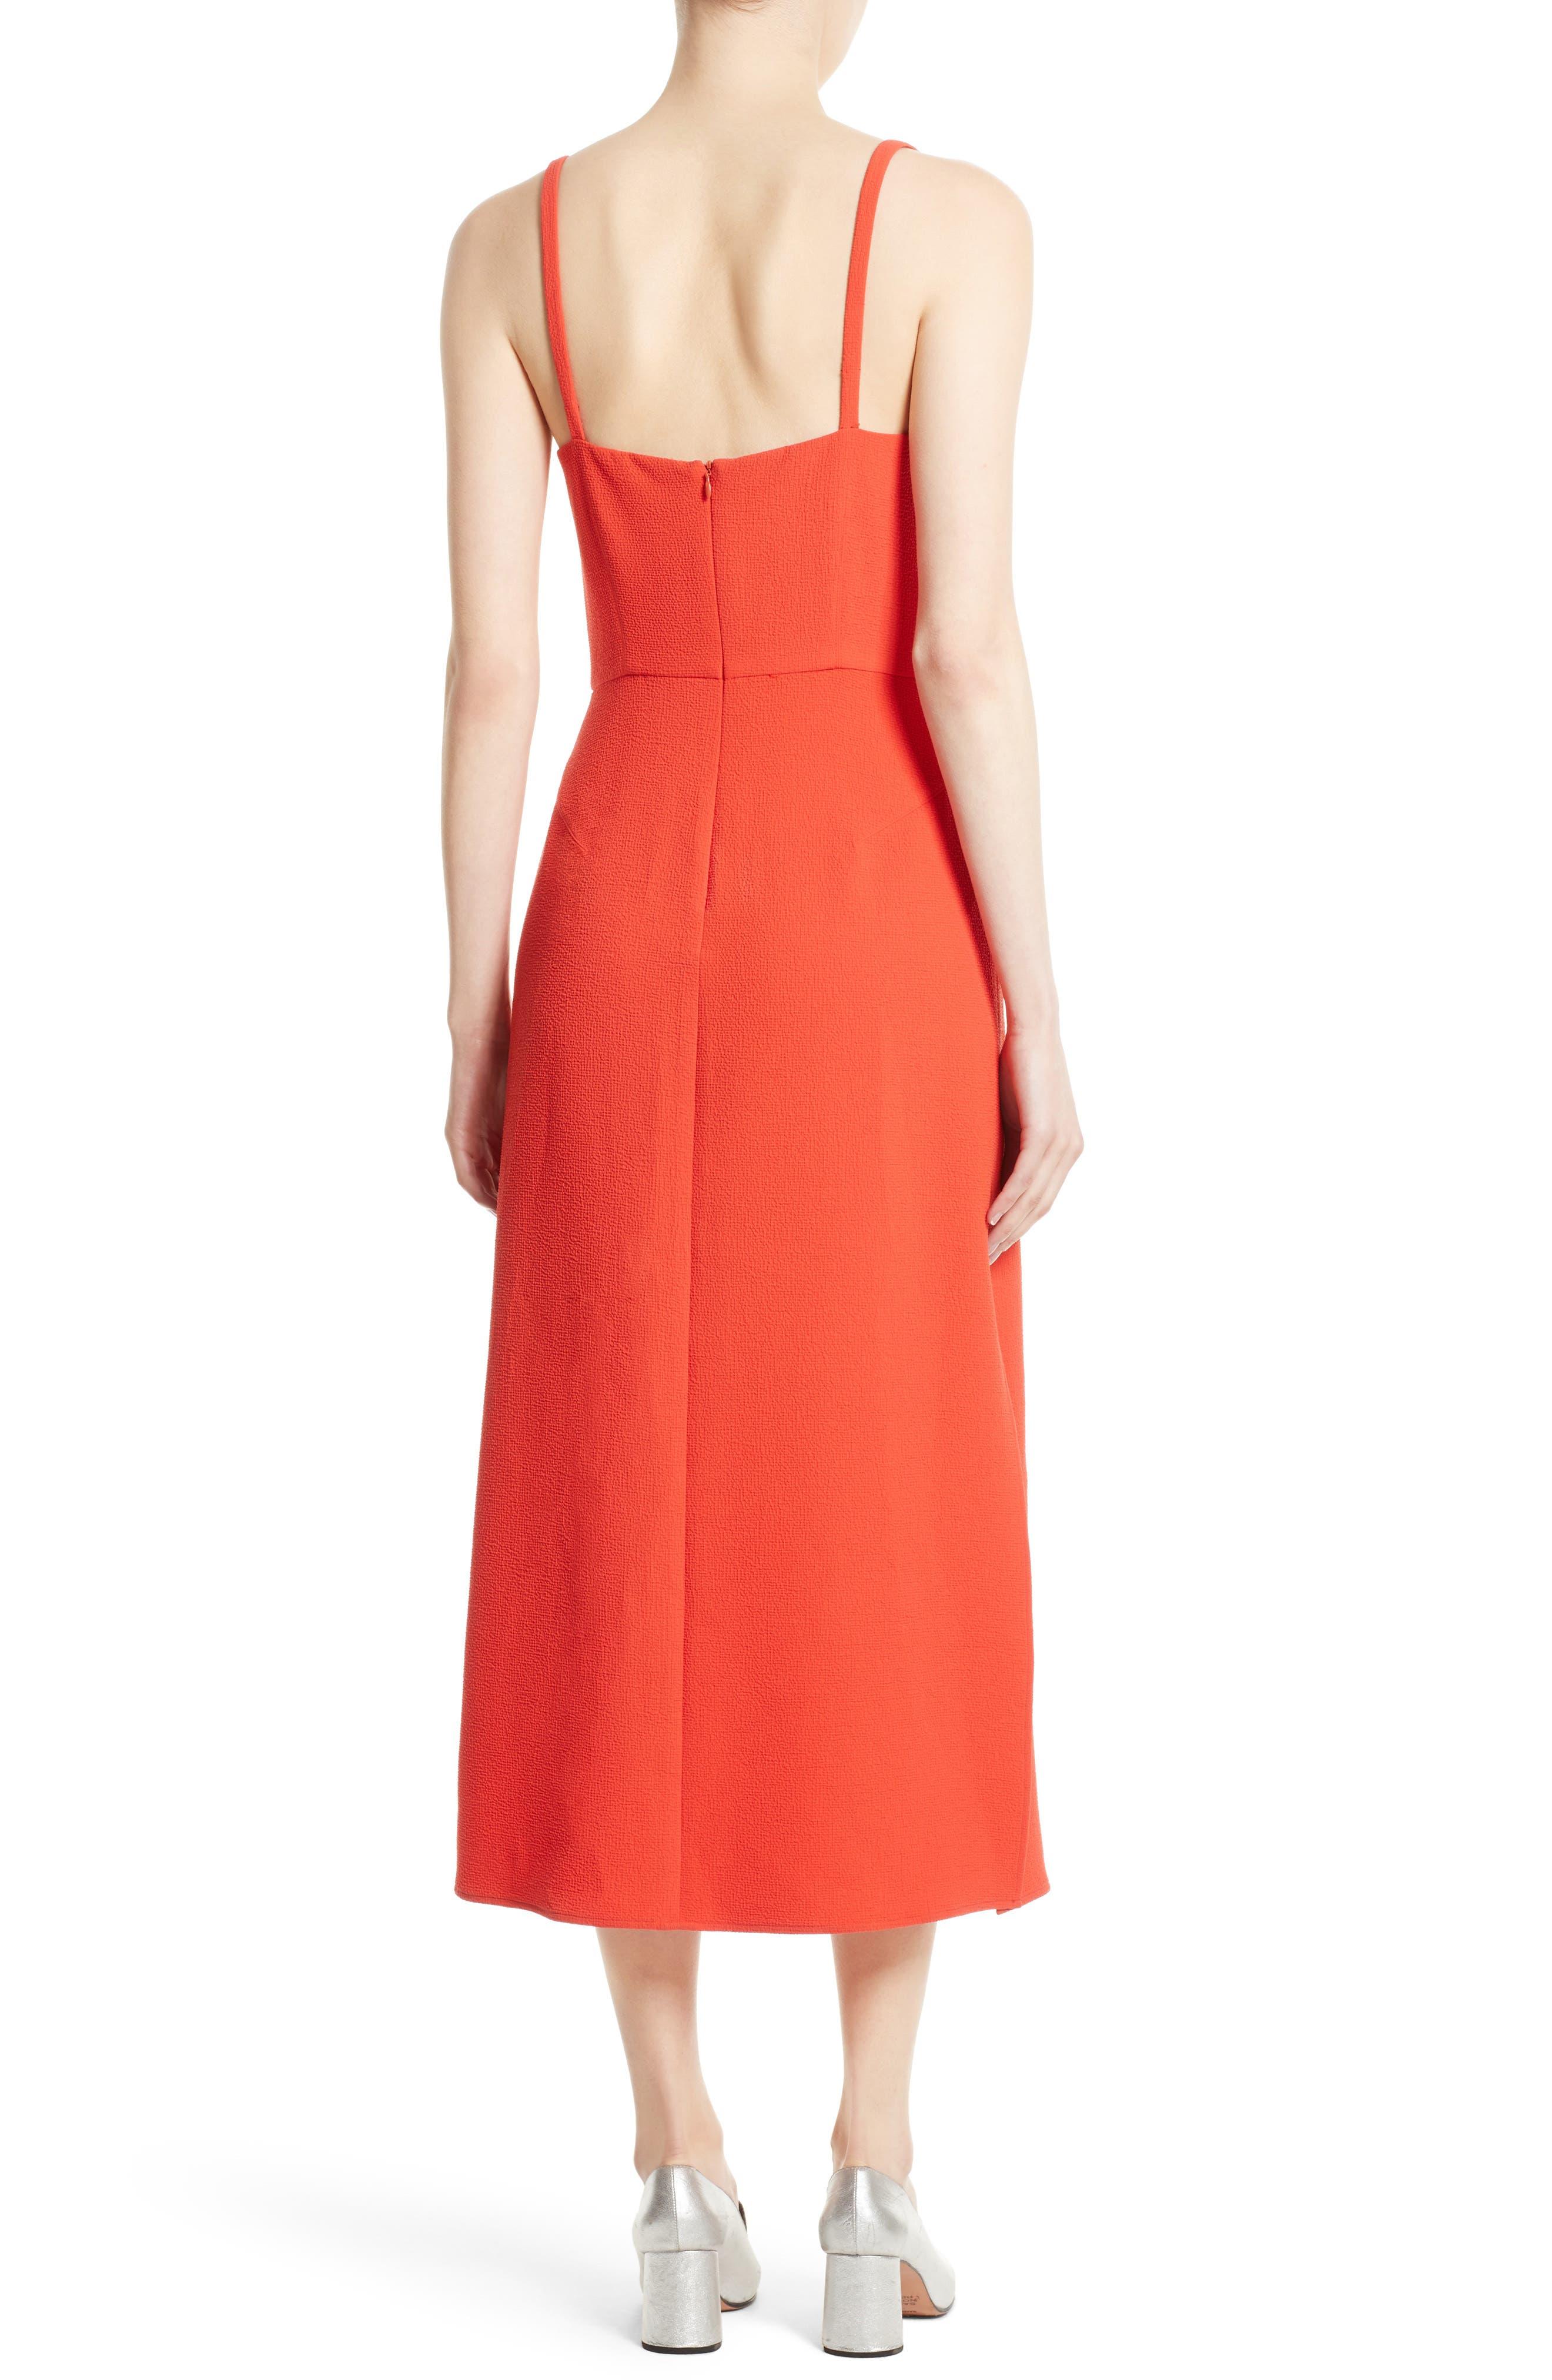 Agitator Midi Dress,                             Alternate thumbnail 2, color,                             950